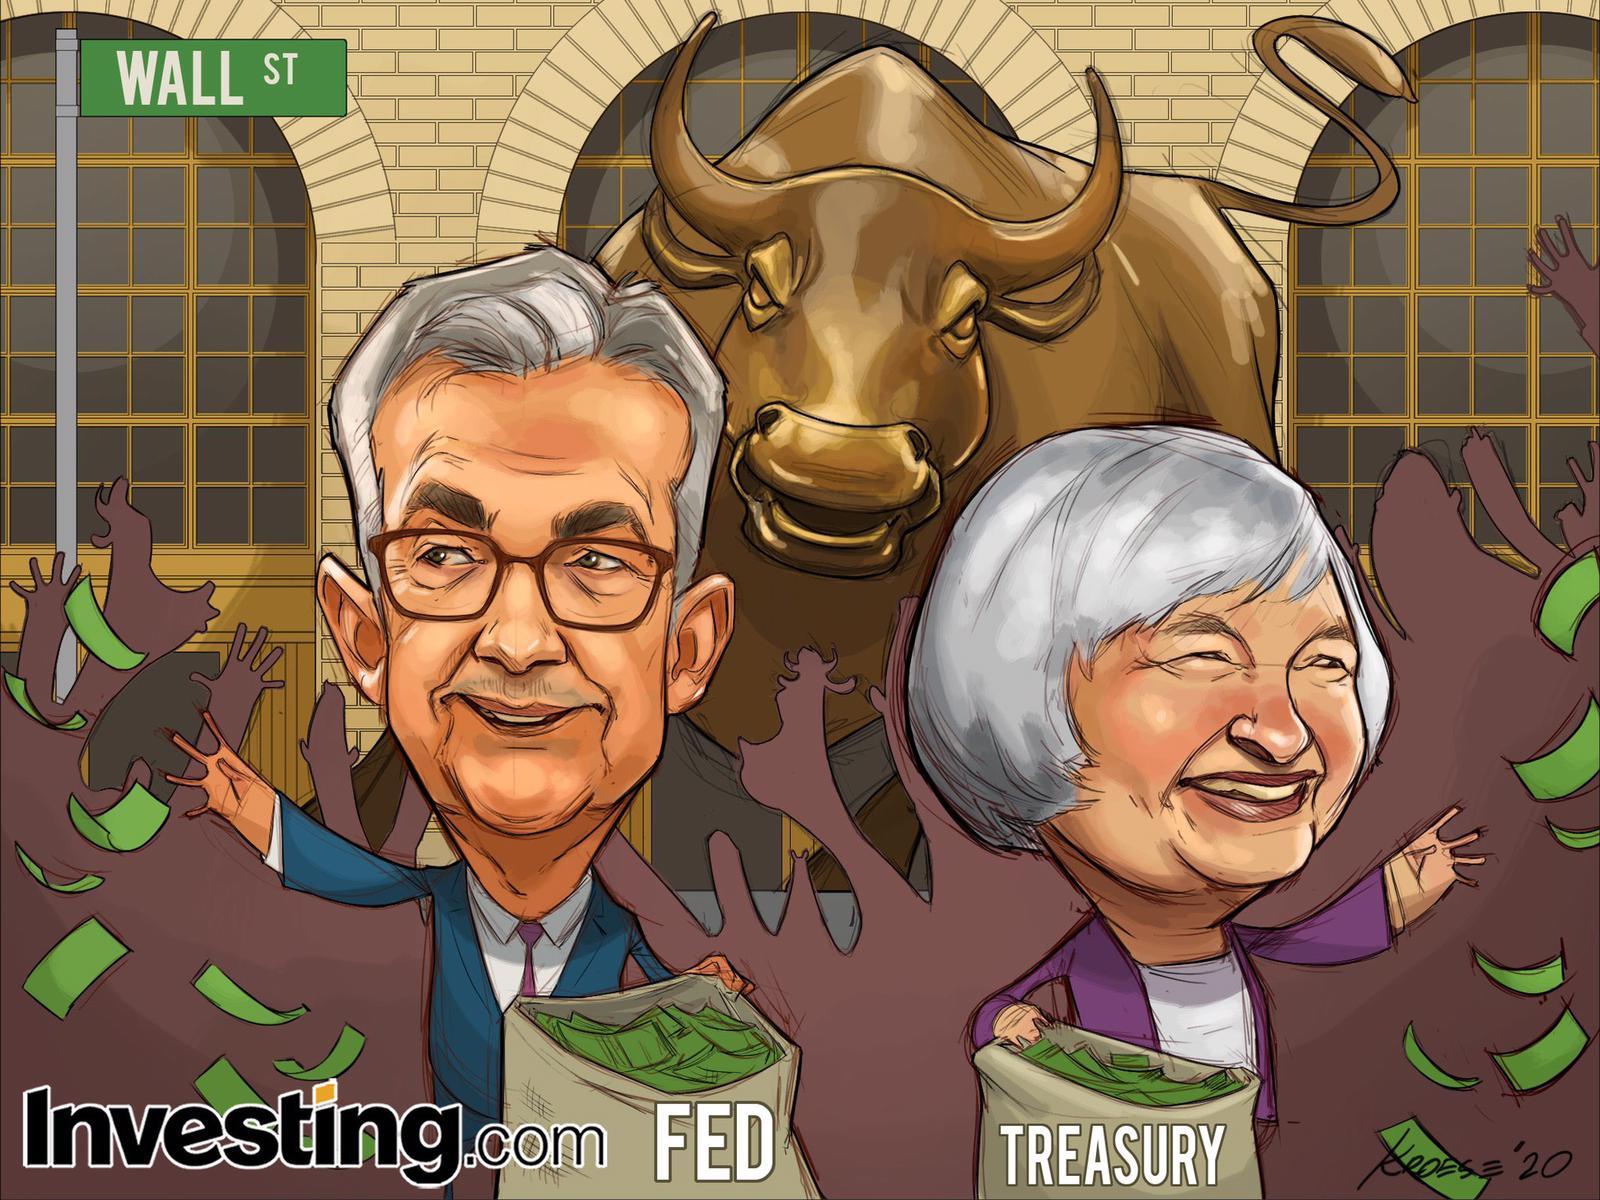 Source: Investing.com